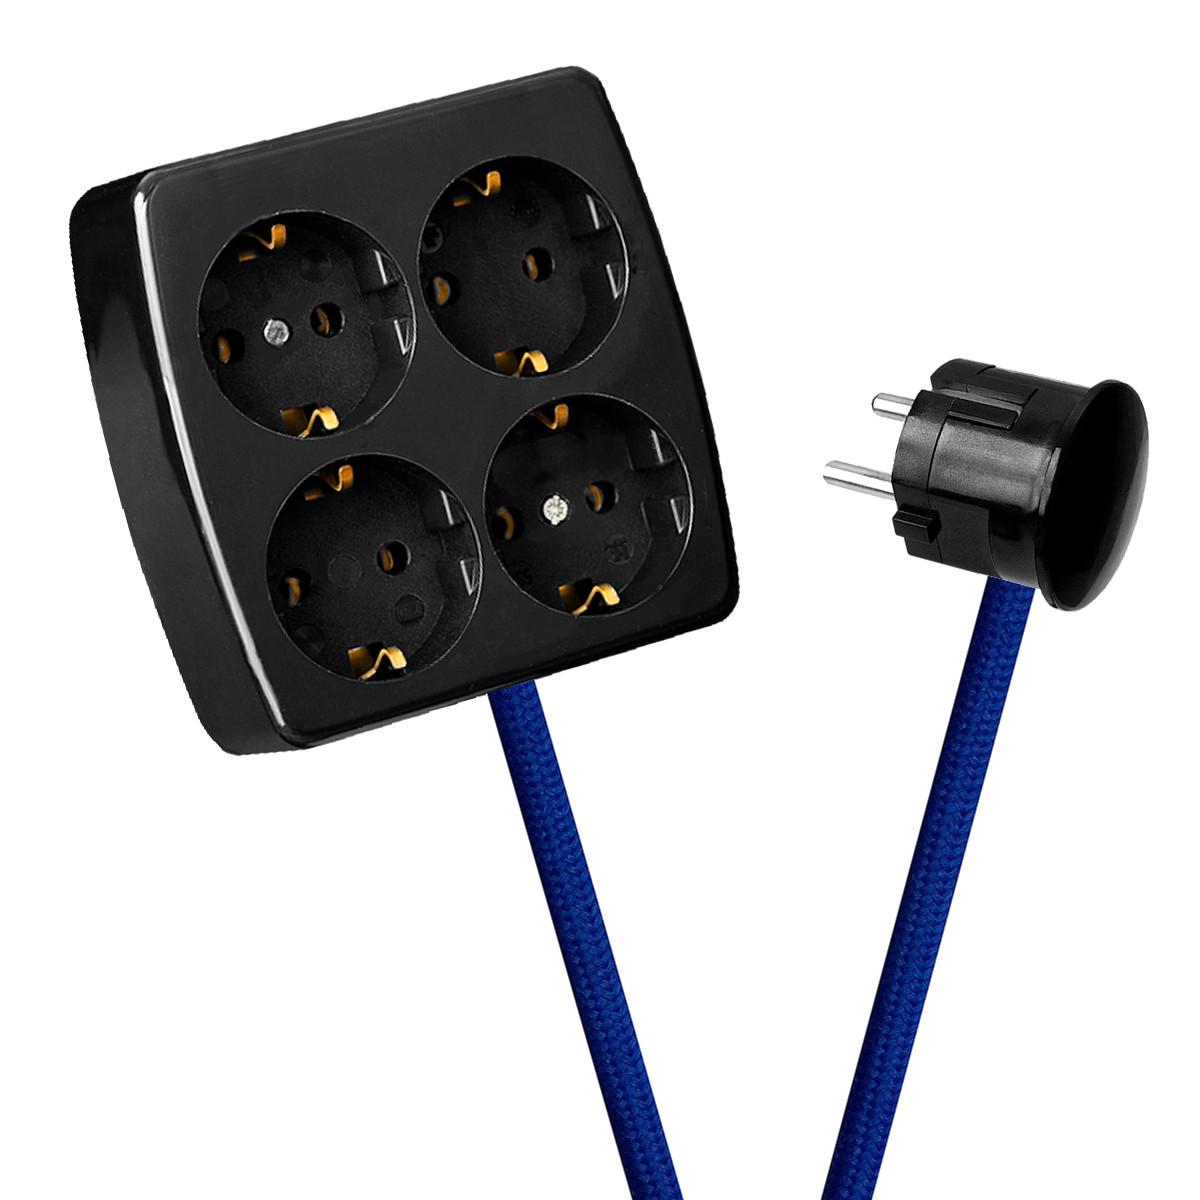 Black 4-Way Socket Outlet Blue